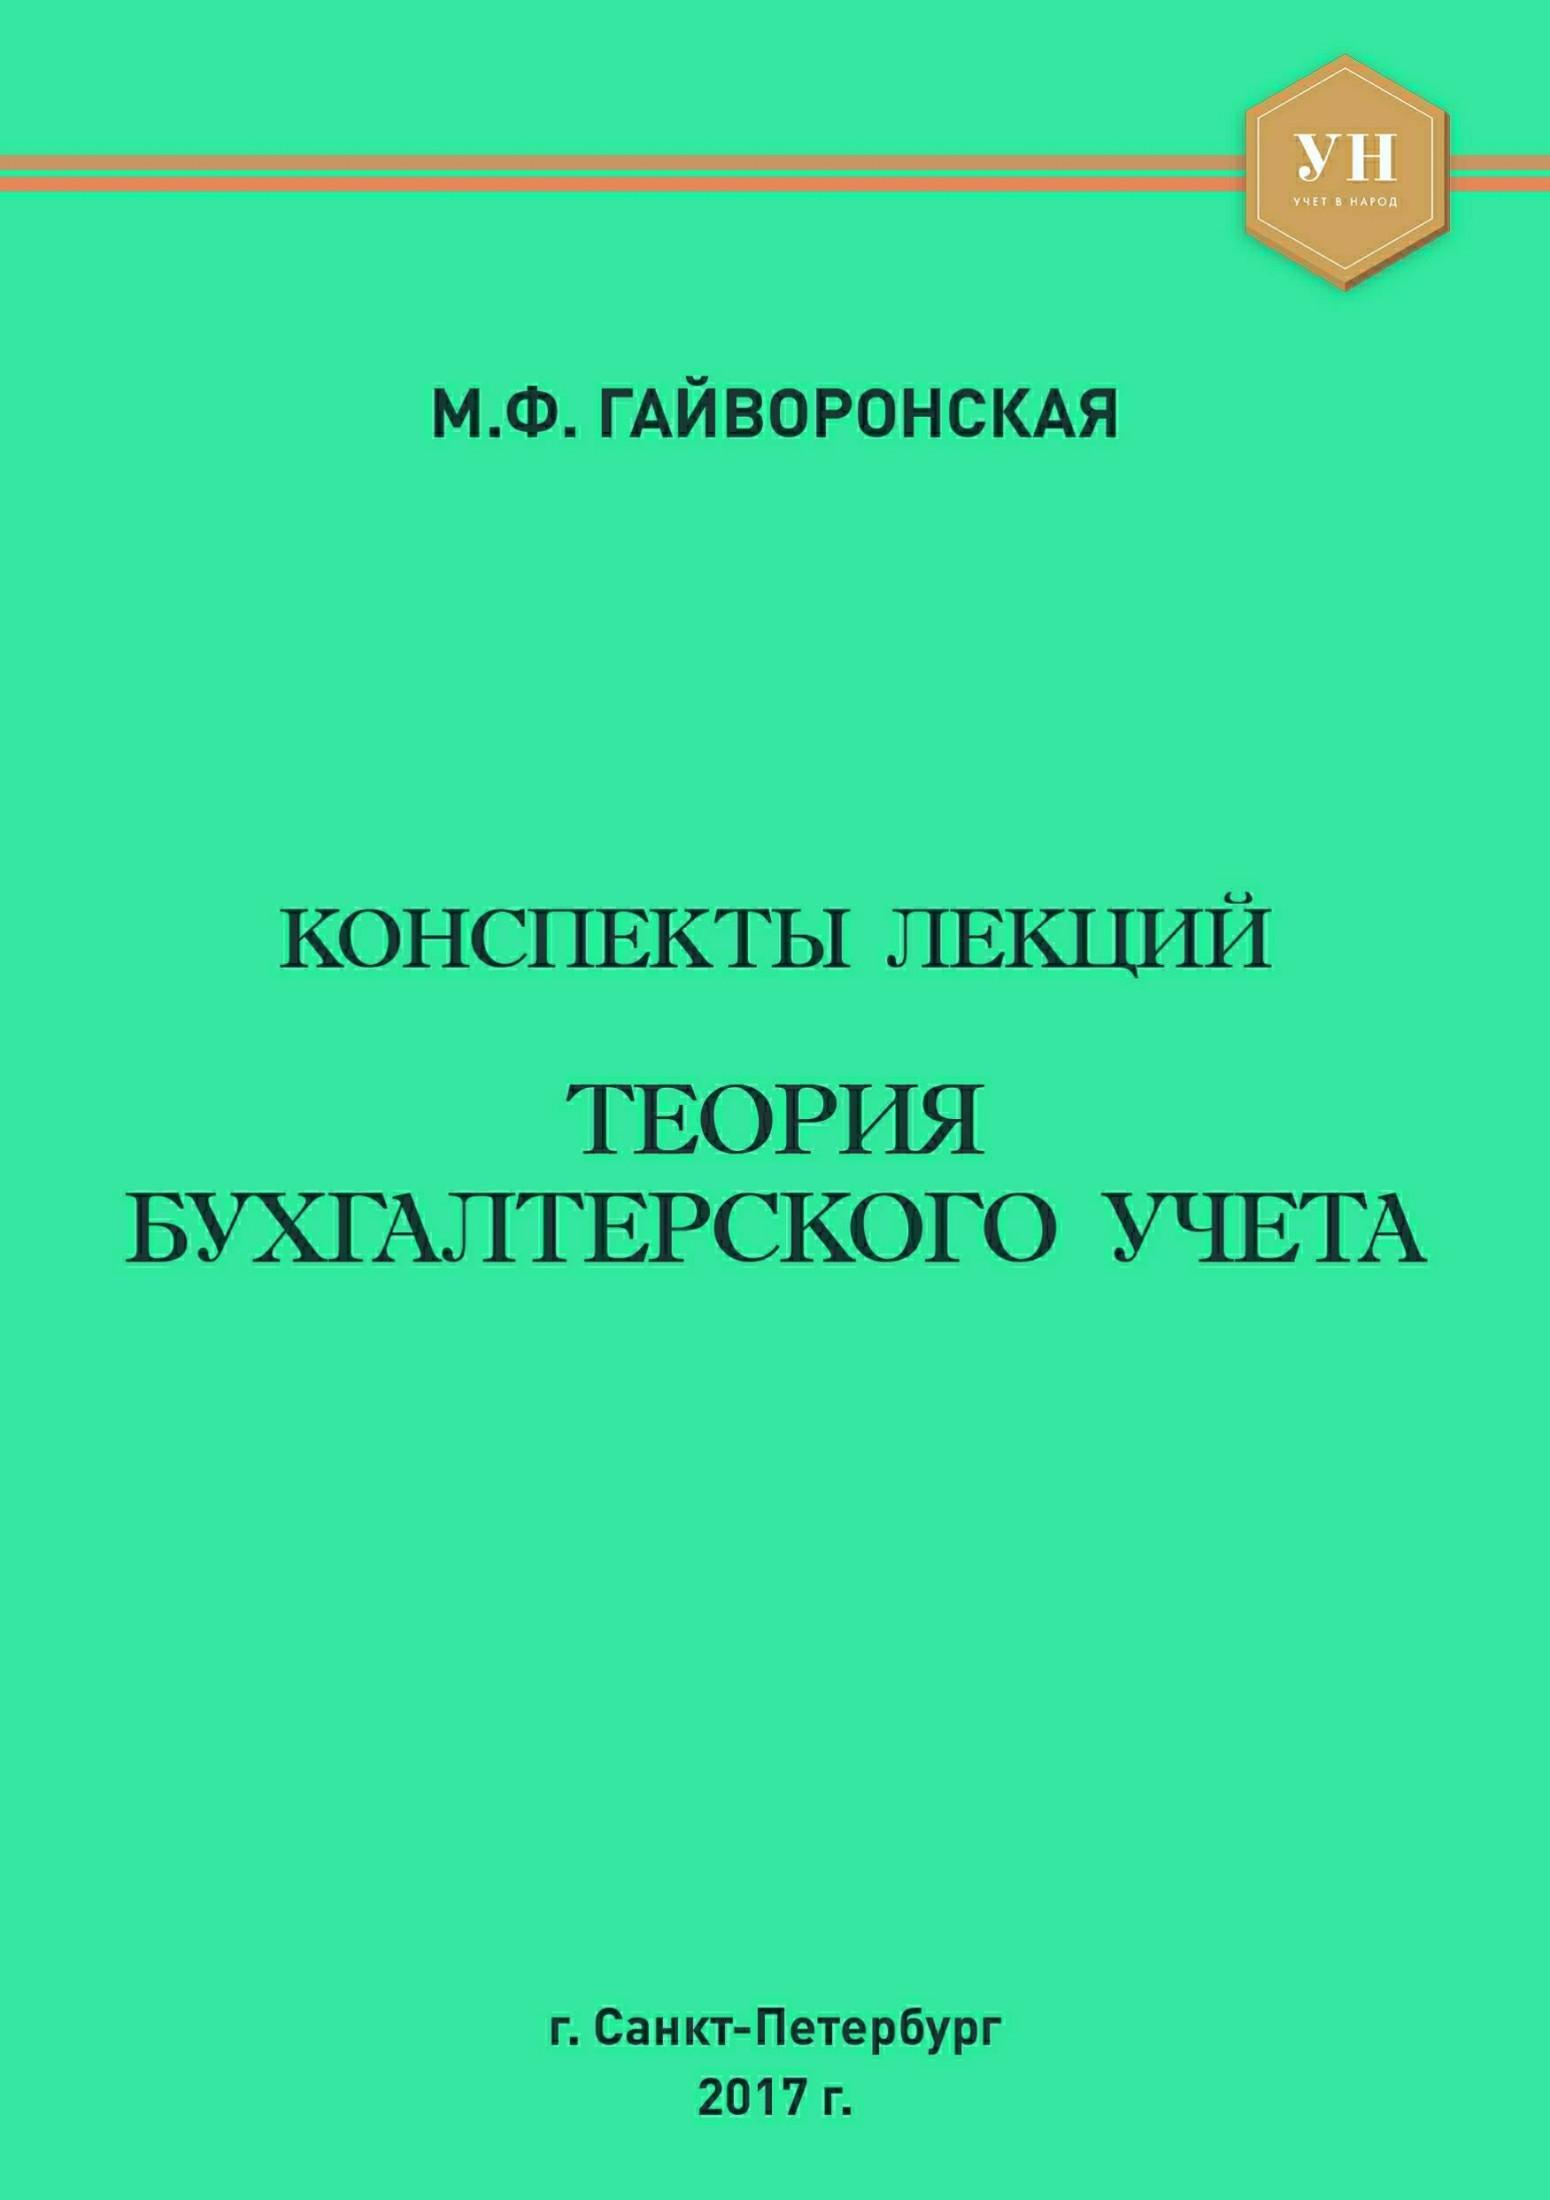 Марина Федоровна Гайворонская бесплатно